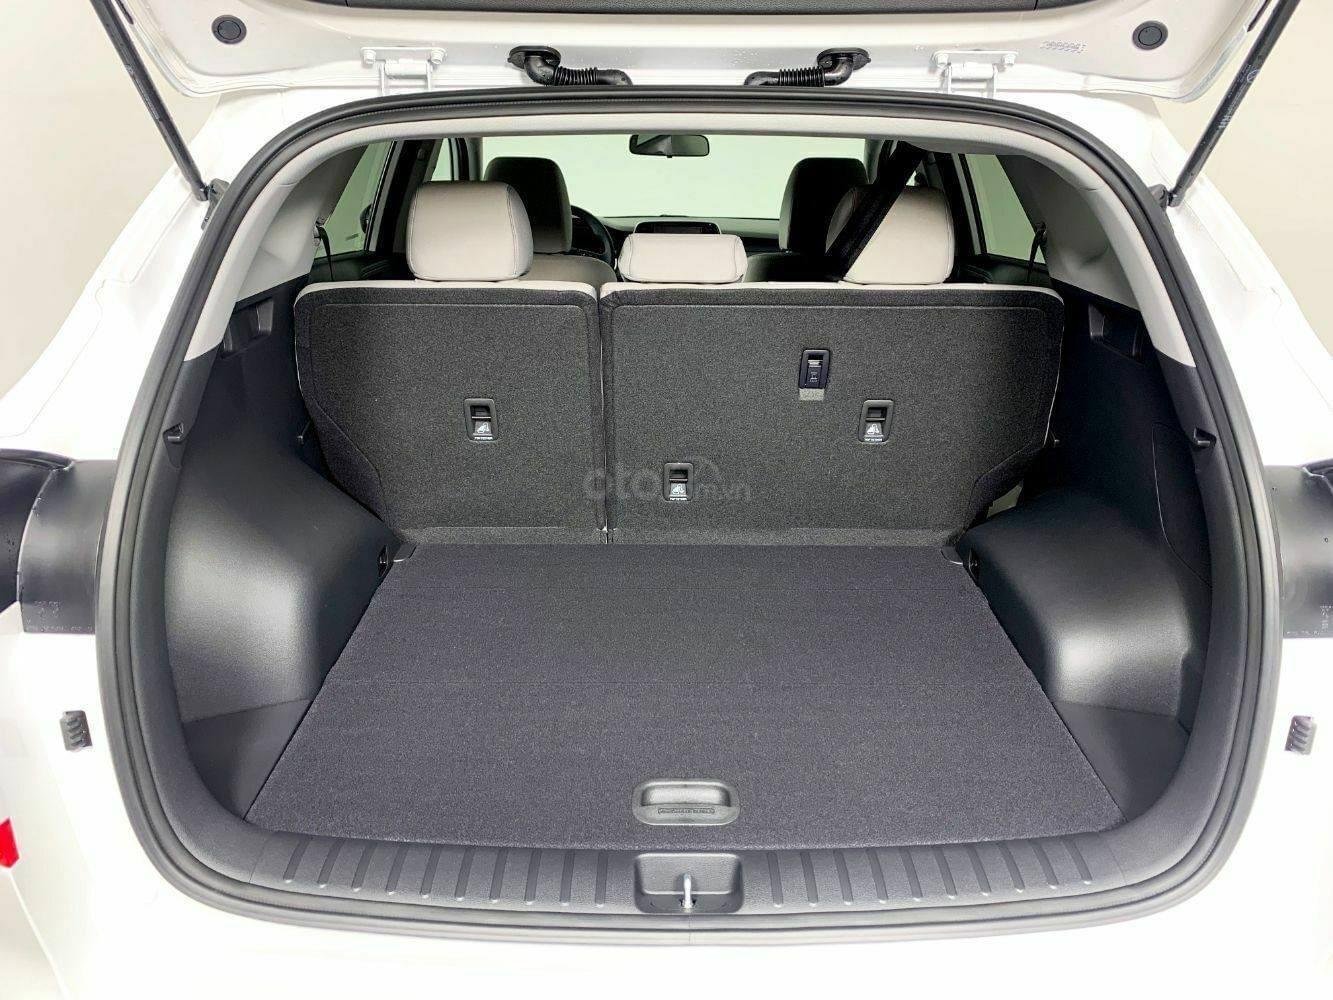 [TPHCM] Hyundai Tucson sẵn kho, đủ màu, hỗ trợ vay lên đến 85%+ chương trình khuyến mãi hấp dẫn (7)